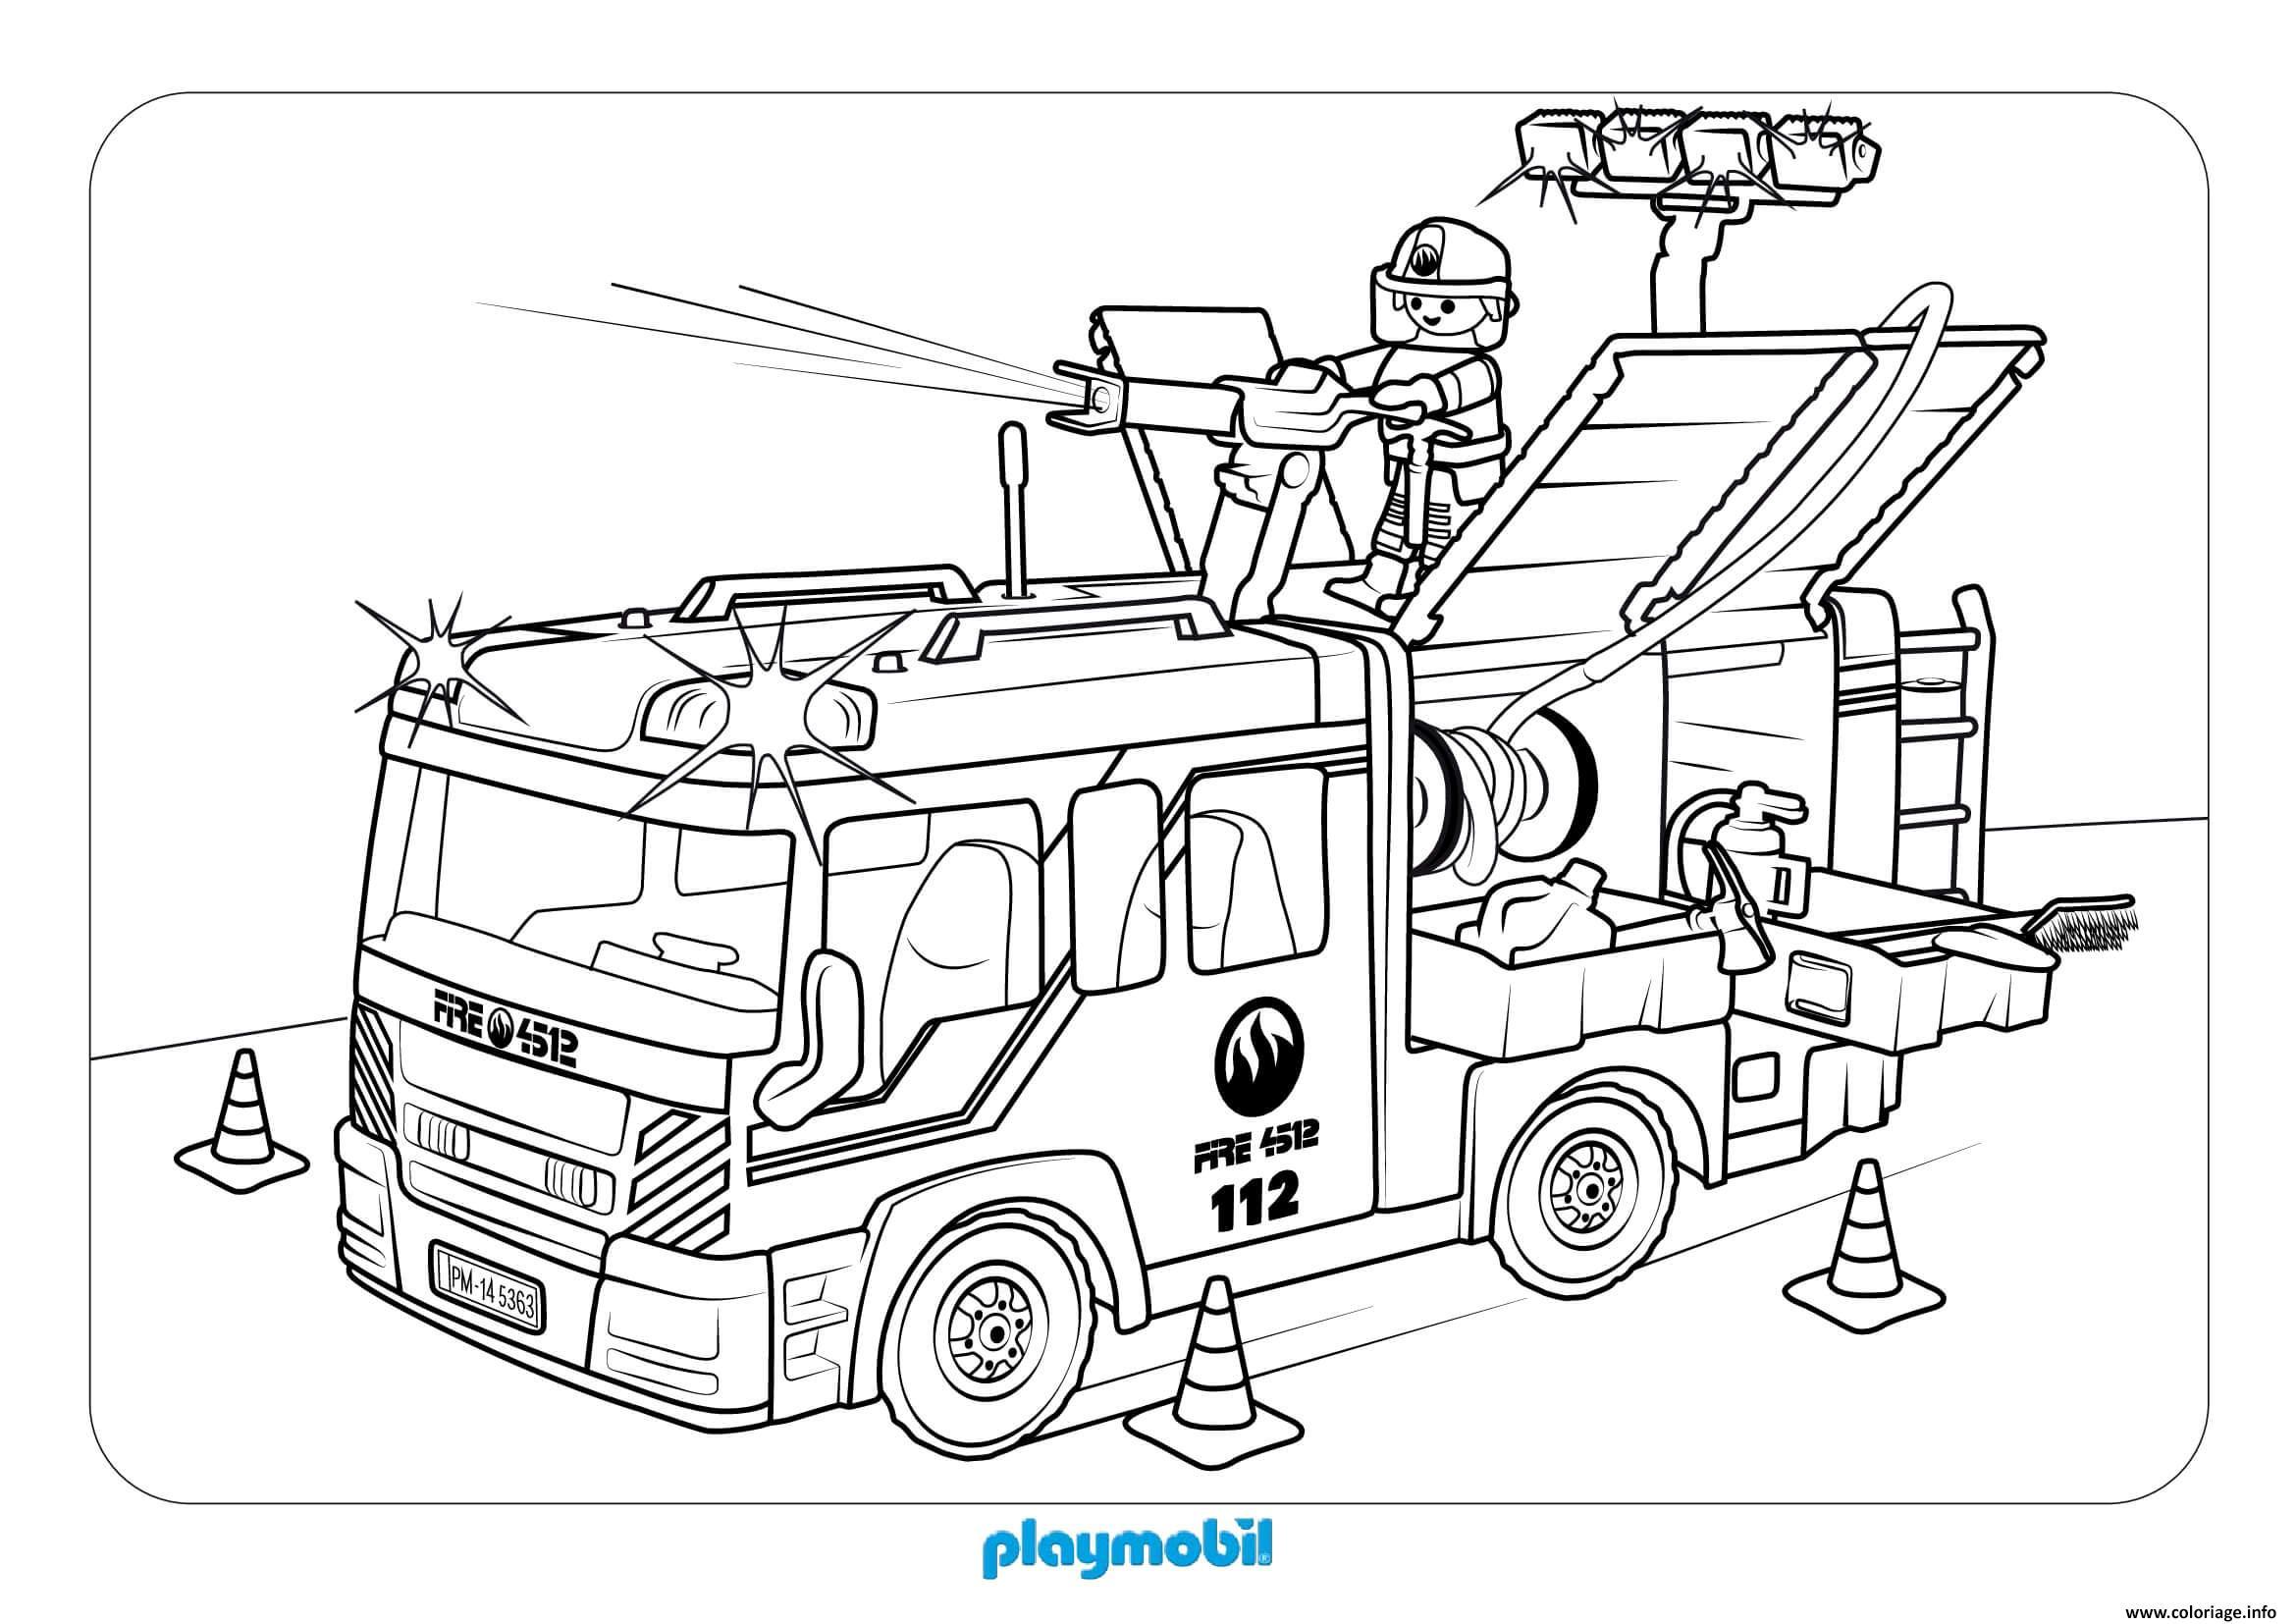 Coloriage camion de pompier playmobil - JeColorie.com